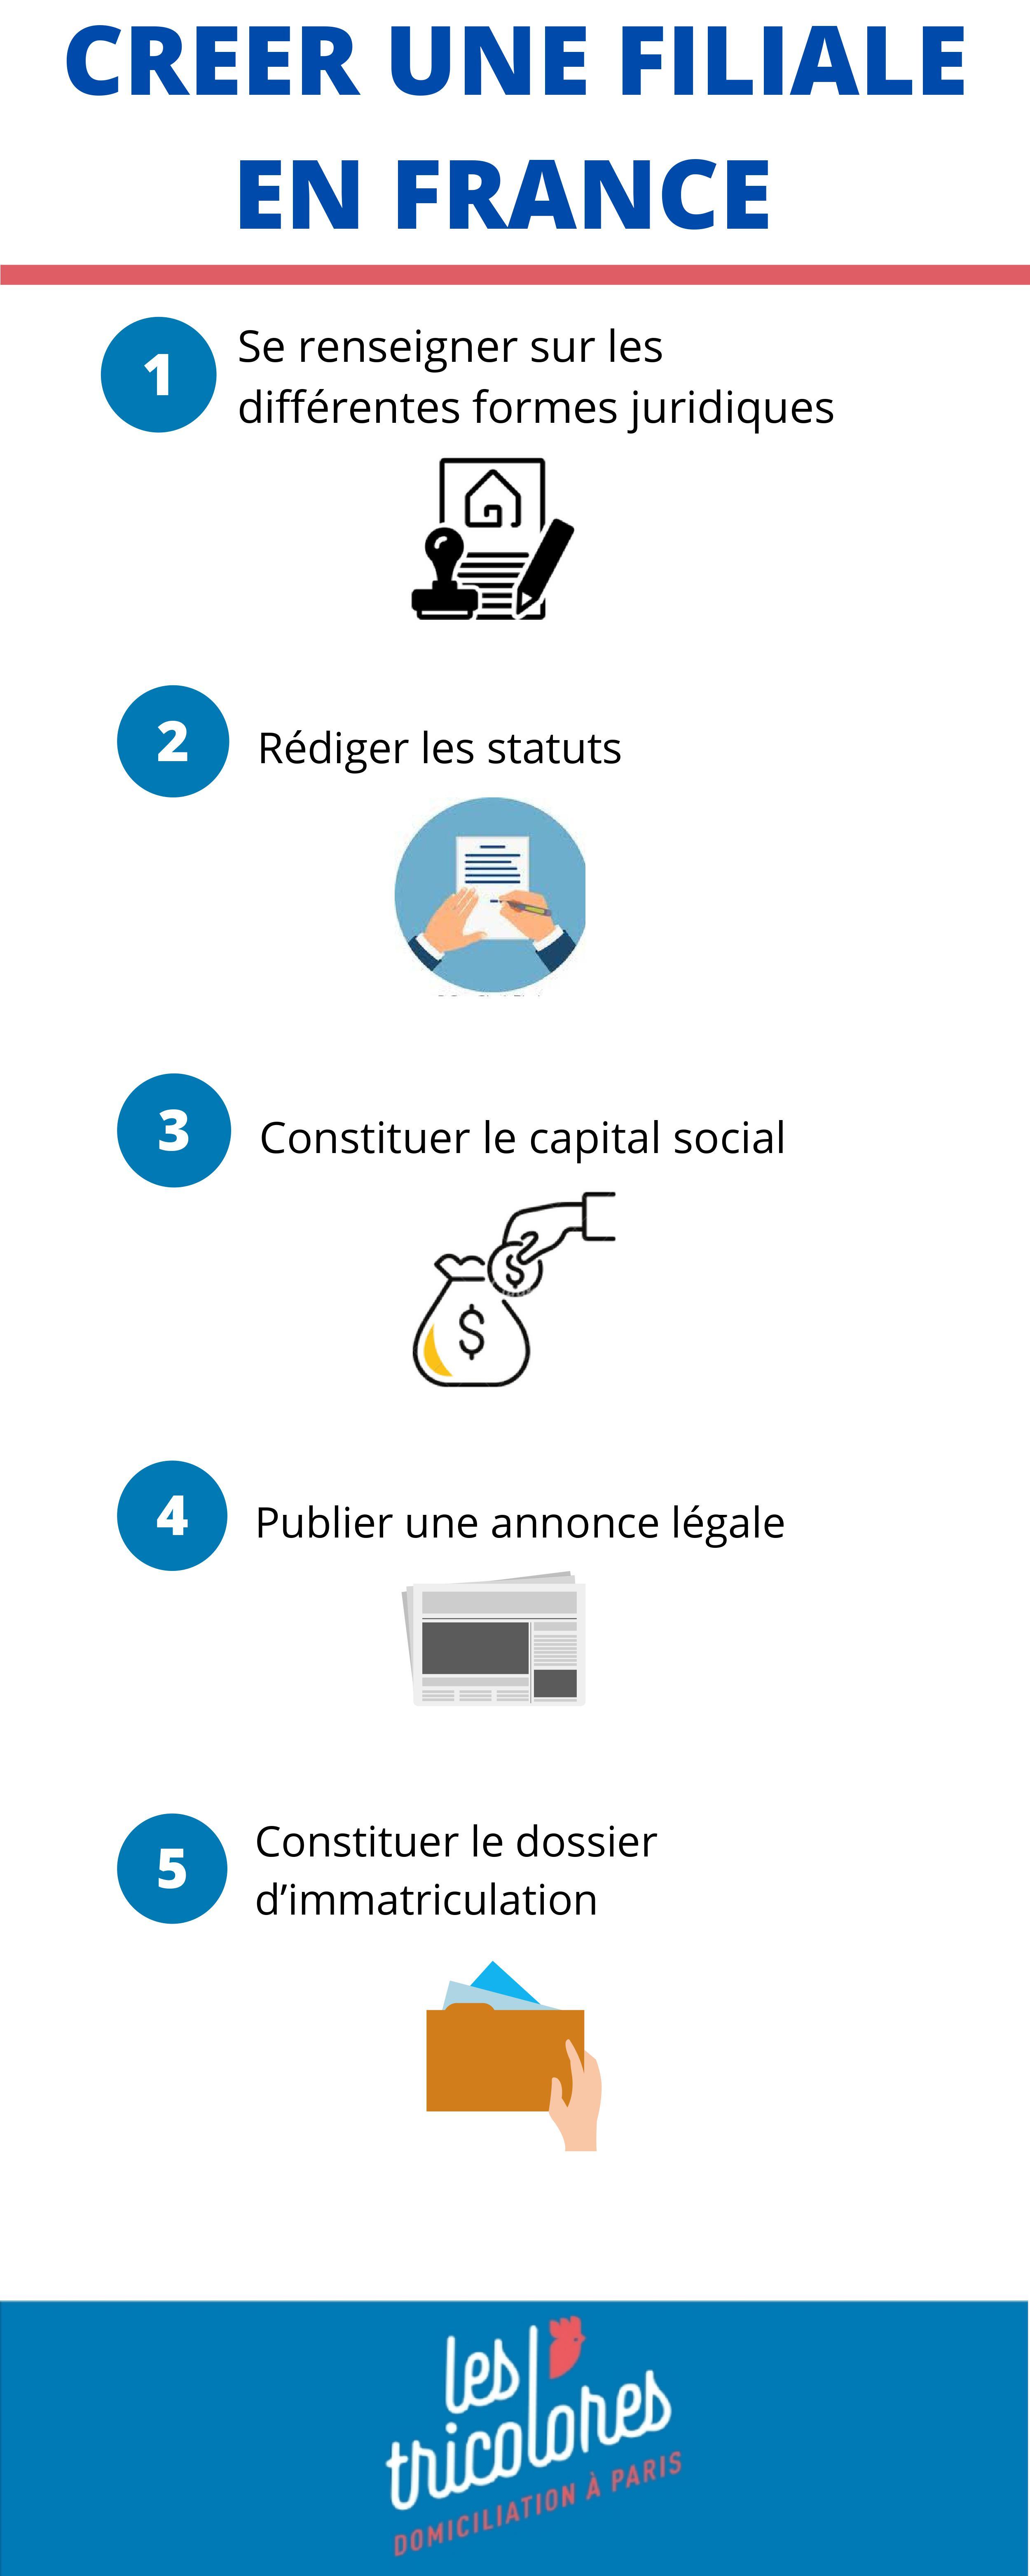 Créer une filiale en France